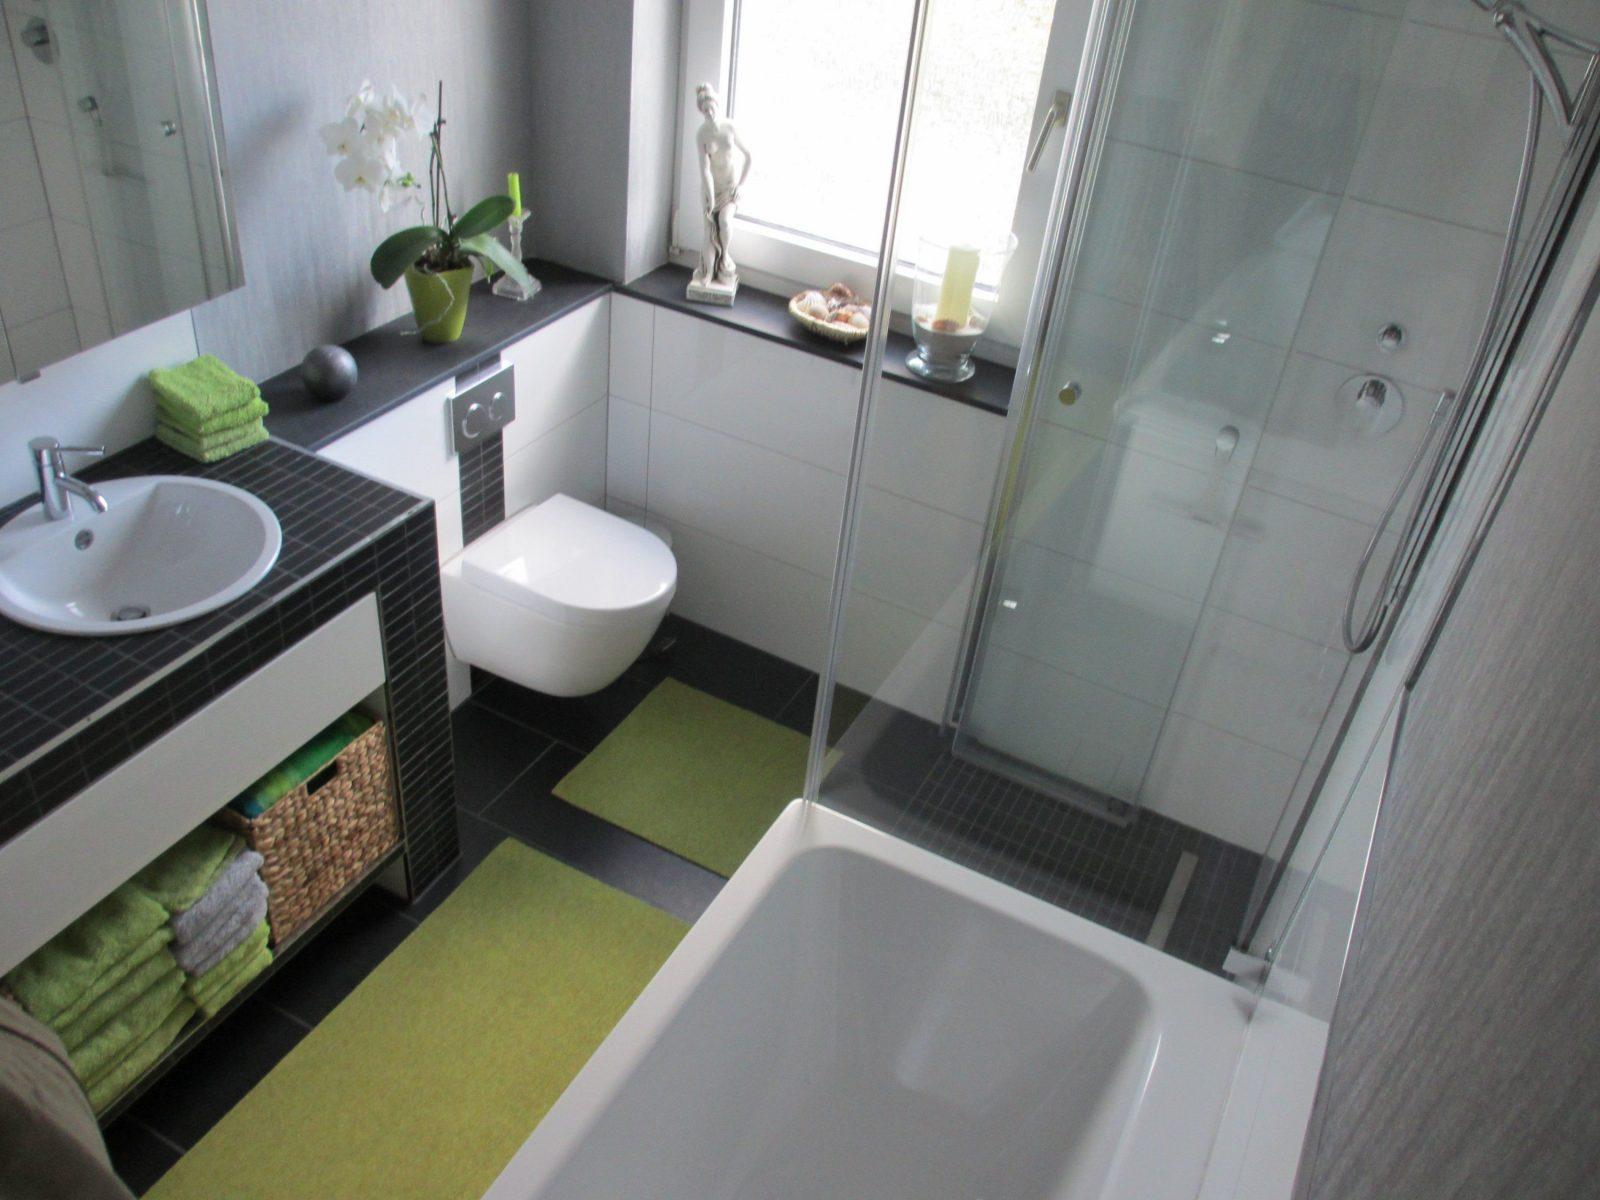 ... Badezimmer Mit Dusche Und Badewanne Tagify Us Tagify Us Avec Ideen Von Badewanne  Dusche Kleines Bad ...